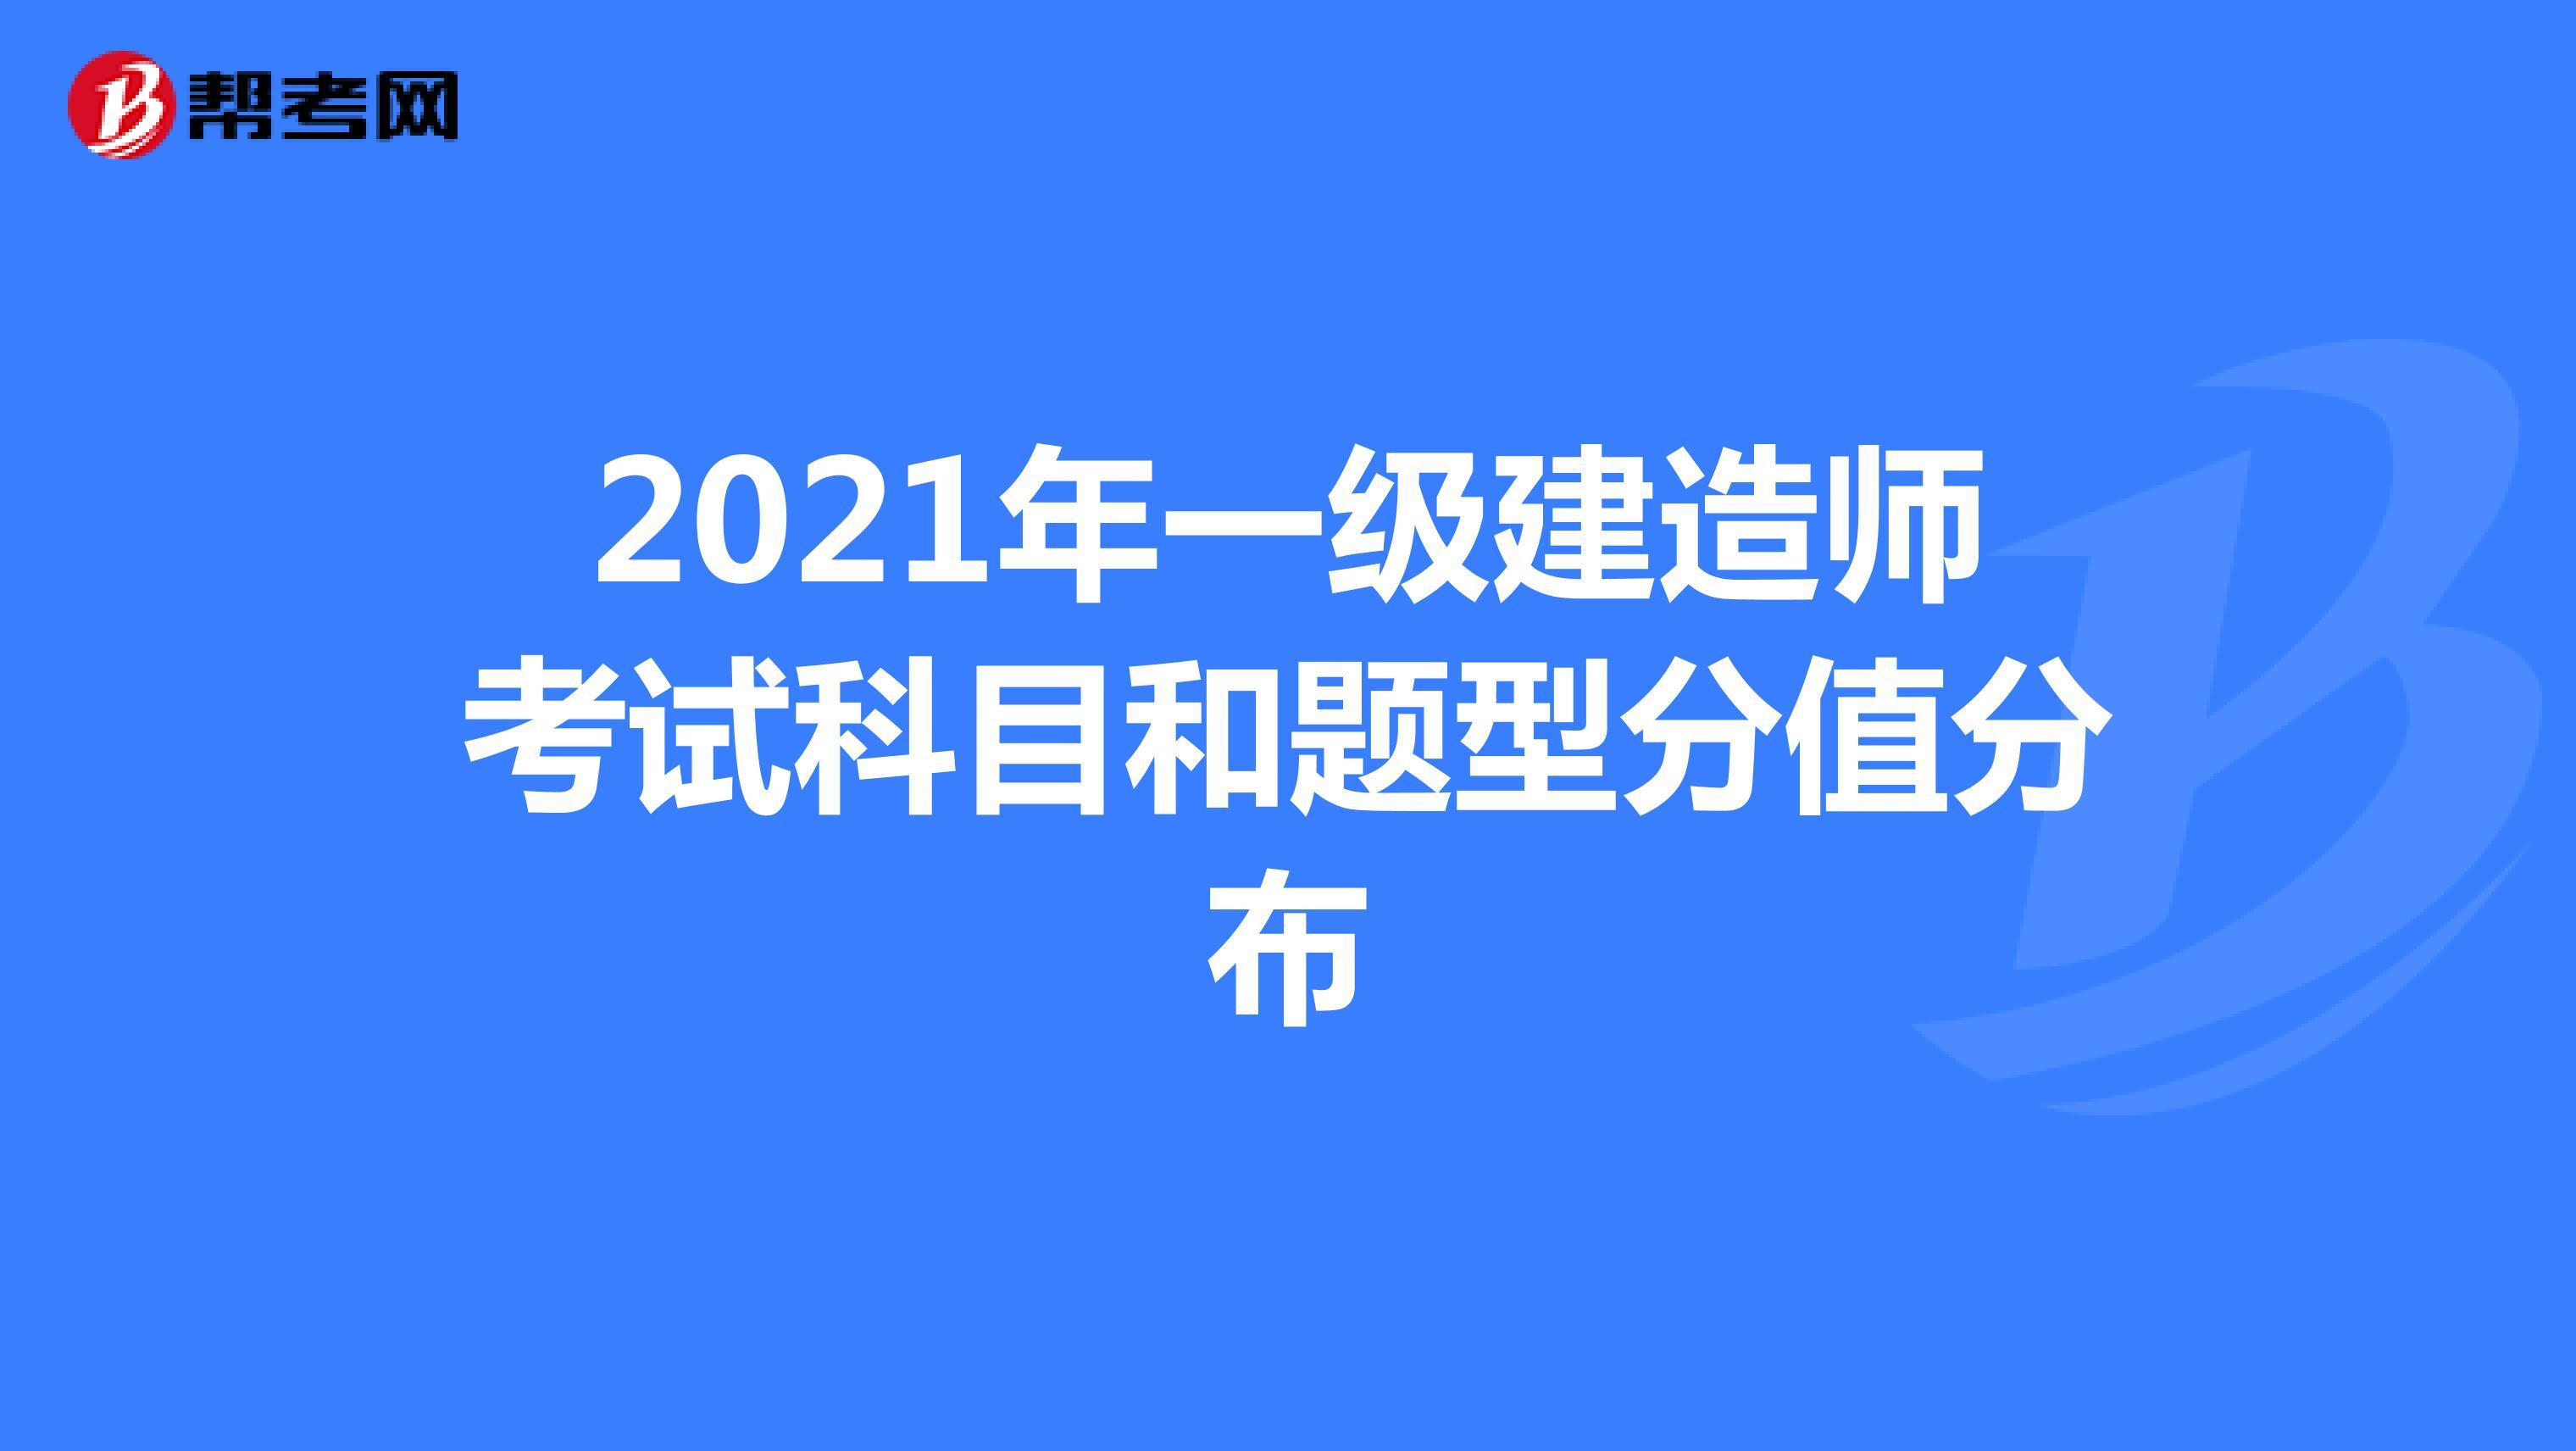 2021年一级建造师Beplay官方科目和题型分值分布